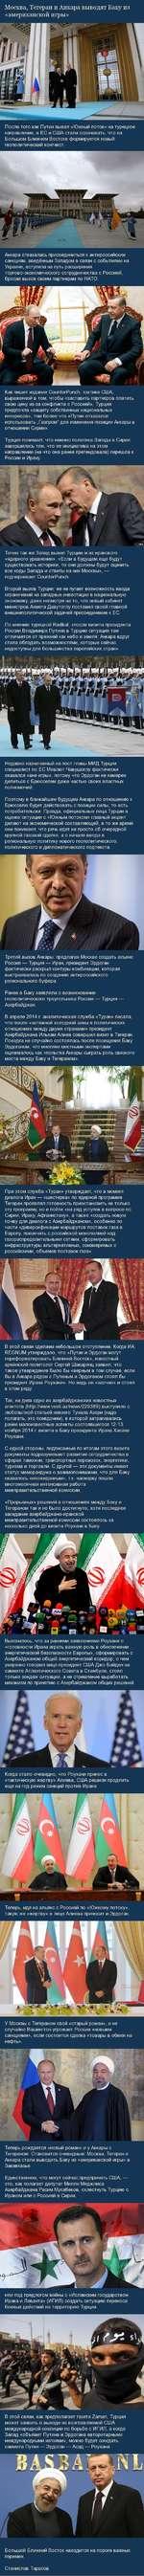 """Москва, Тегеран и Анкара выводят Баку из «американской игры» *1 Ш ' А I п После того как Пути» вывел «Южный лоток» »¿УР**"""">в няпоавление в ЕС и США стали осознавать, что на Большом Ближнем Востоке формируется новый геополитический контекст. _______ KJ М J Я!гШ5 : - 5; ш, Д1 =•======■•■"""